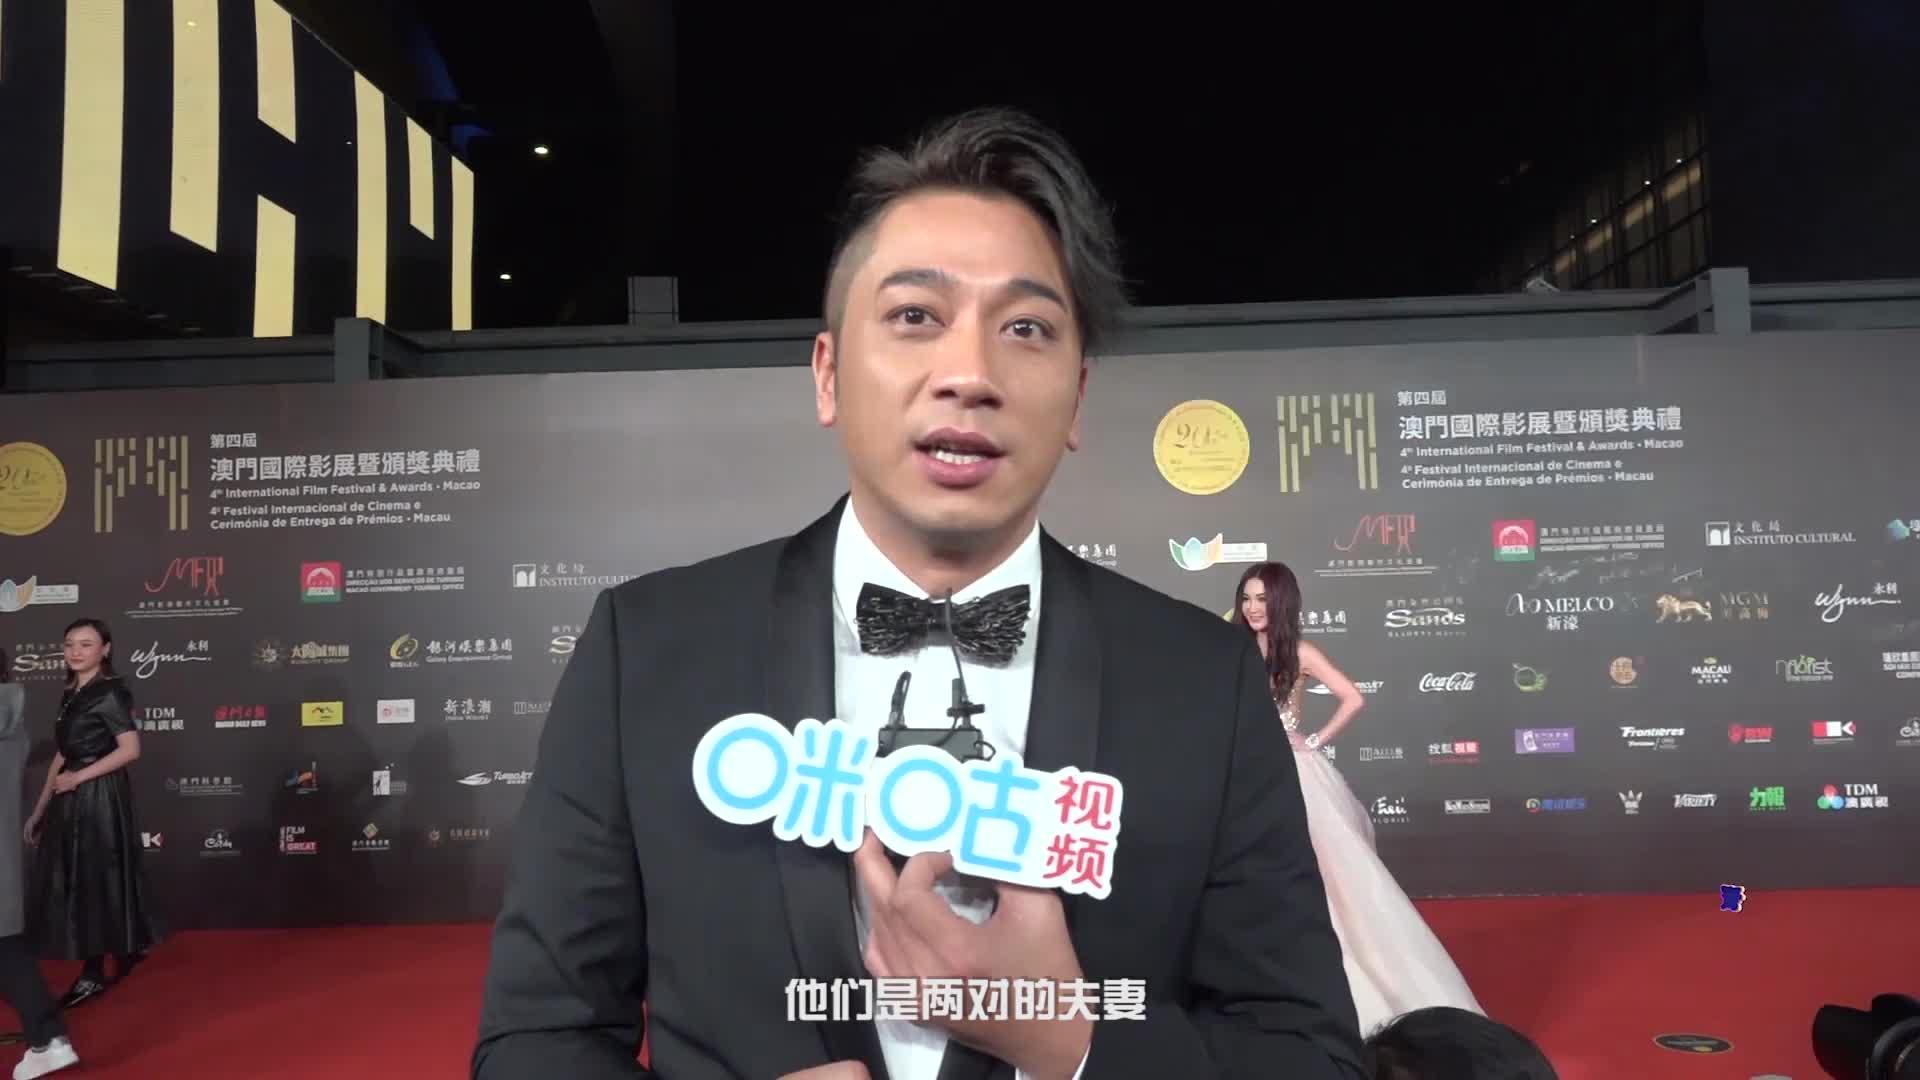 吴卓羲:我希望挑战一些表达上有困难的角色